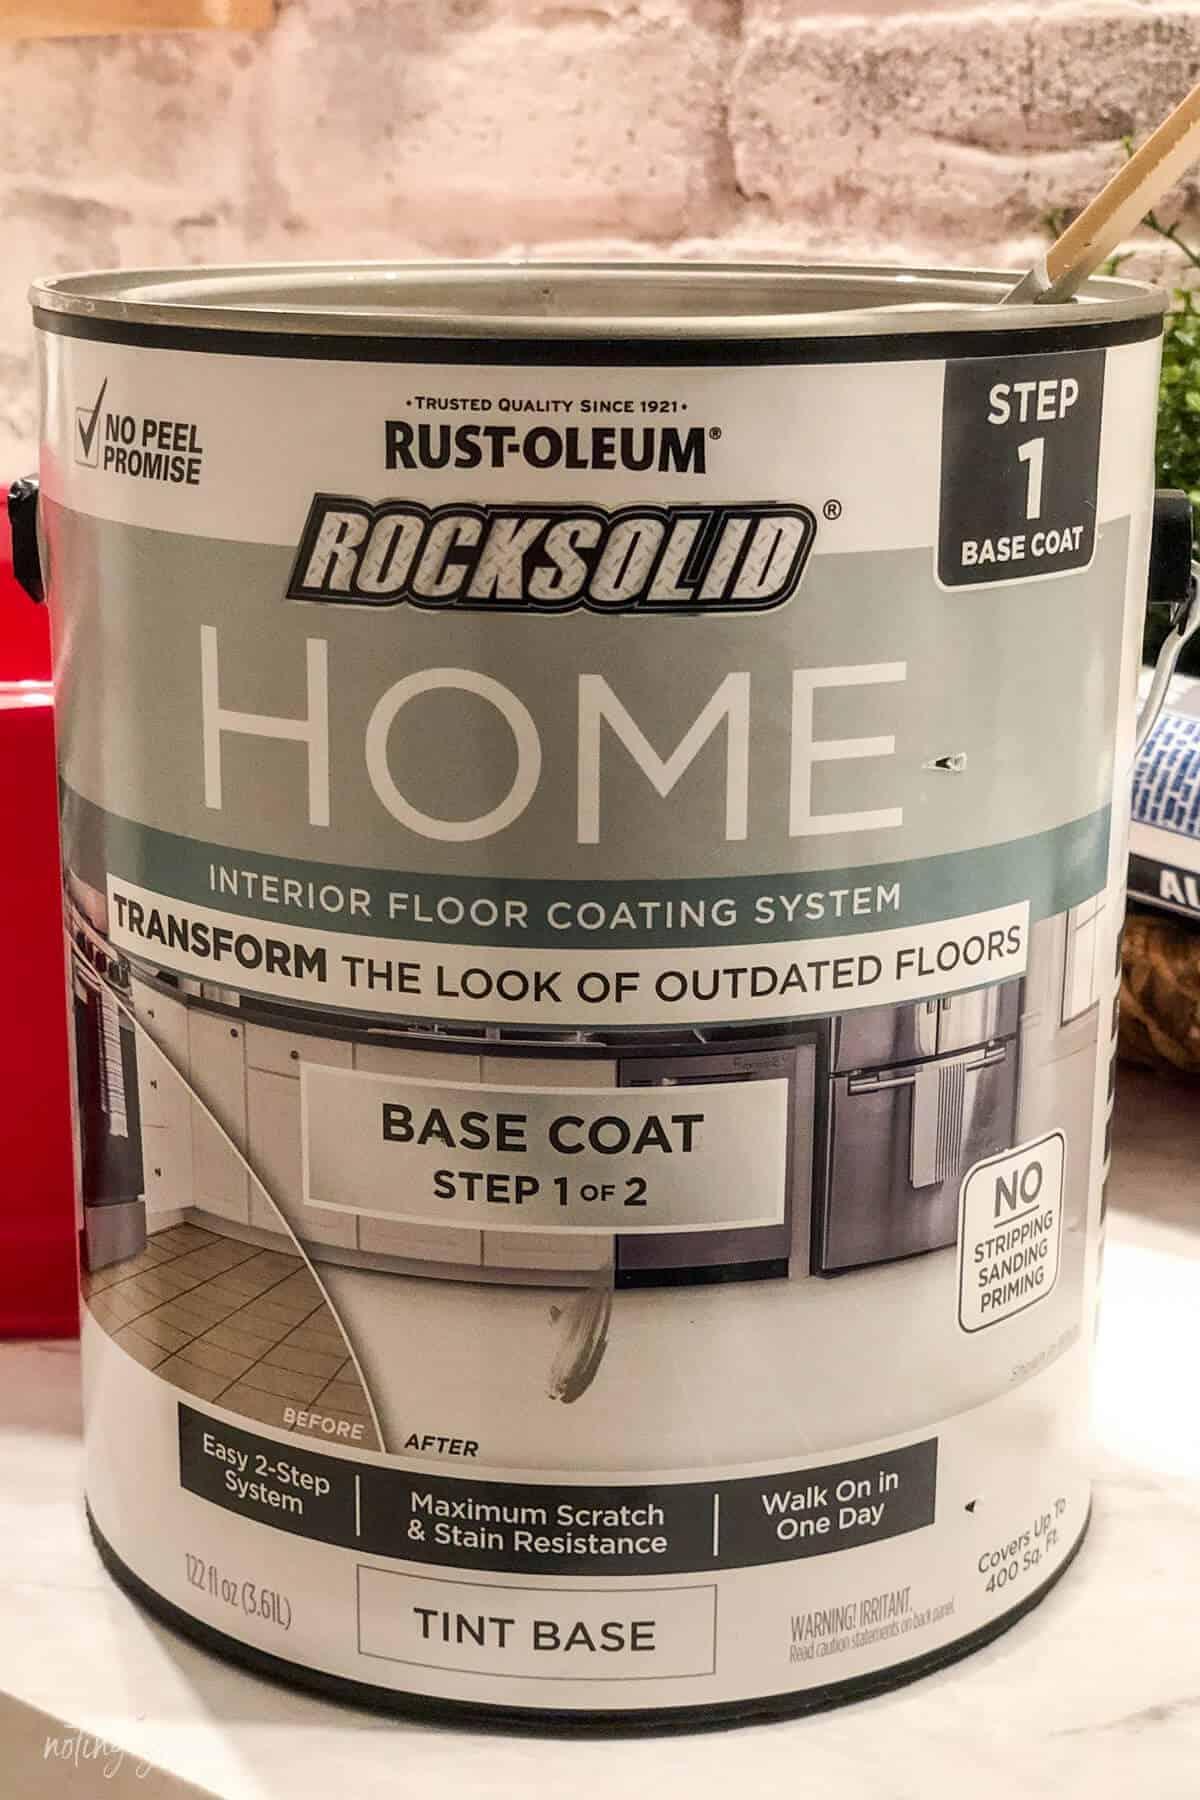 Rust-Oleum HOME Floor Coating can